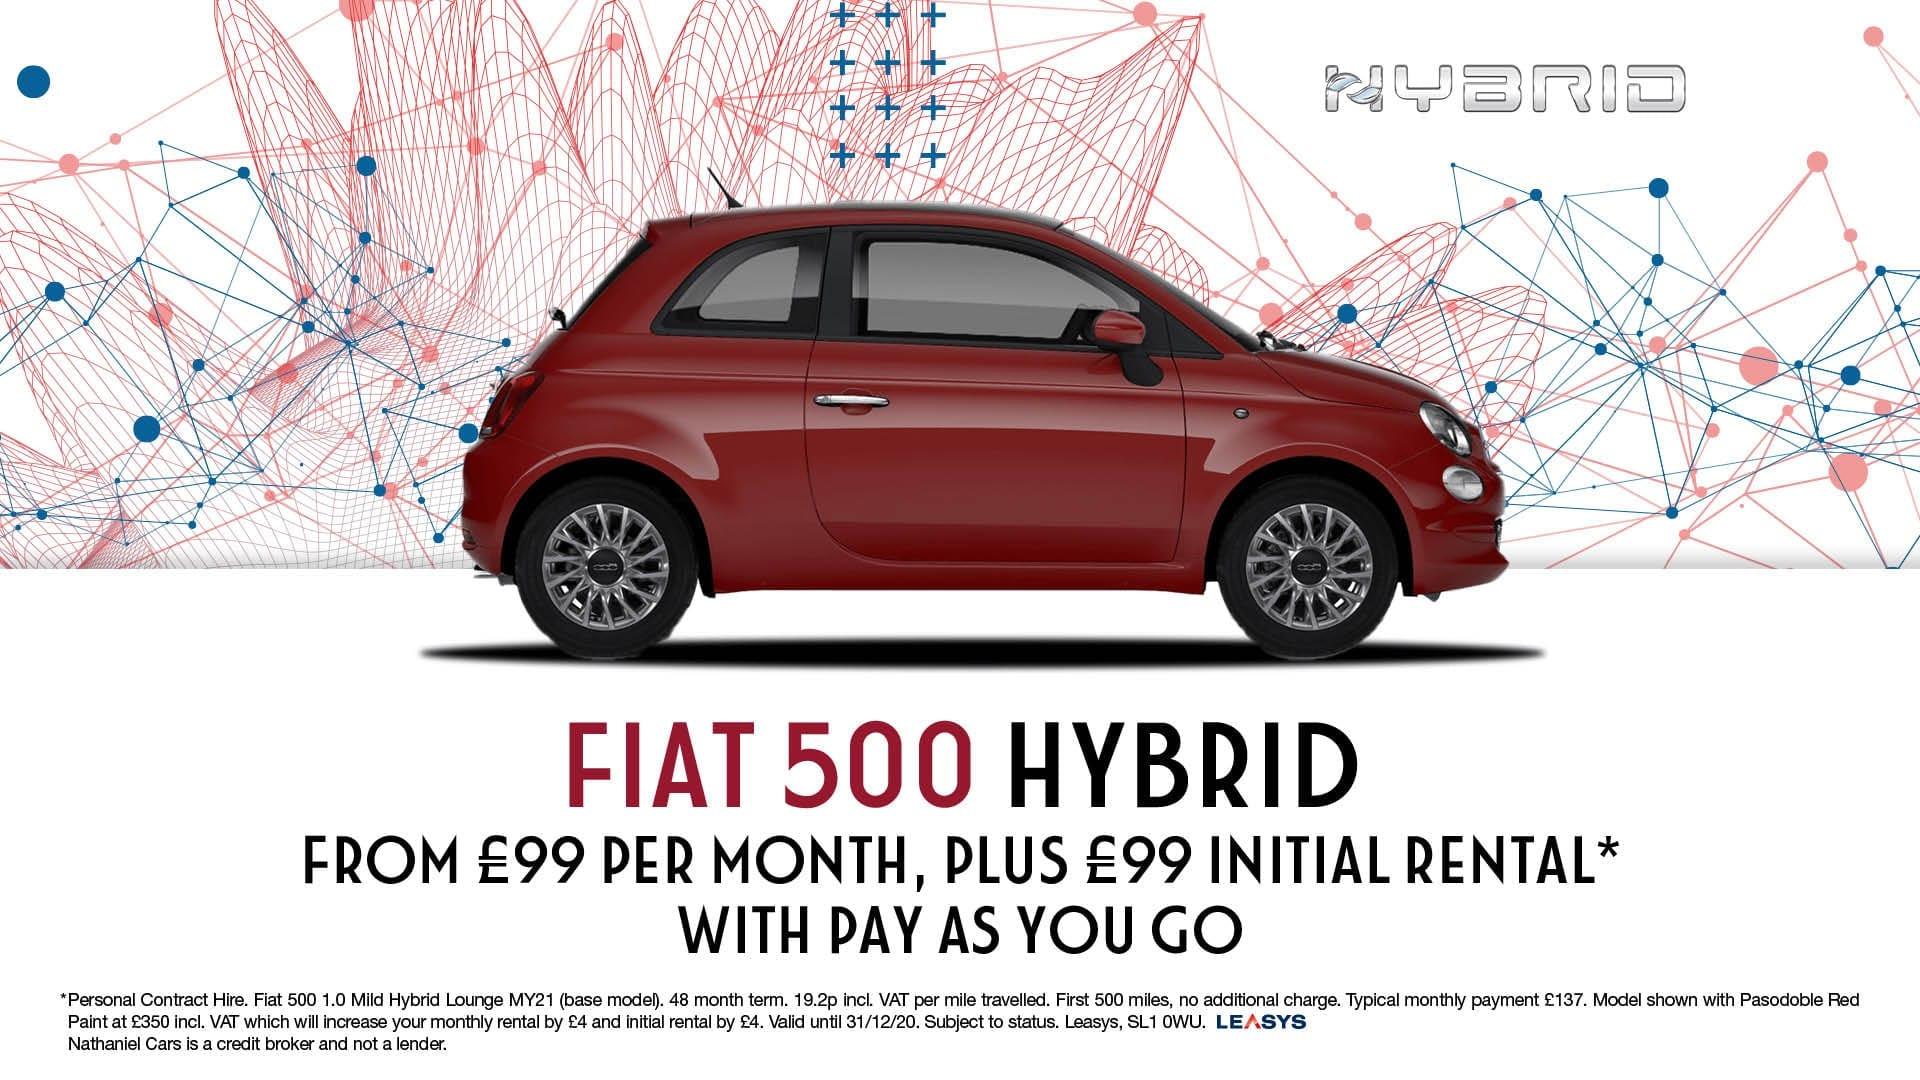 Q4-Fiat-500-Hybrid-Website-Banner-1920-x-1080